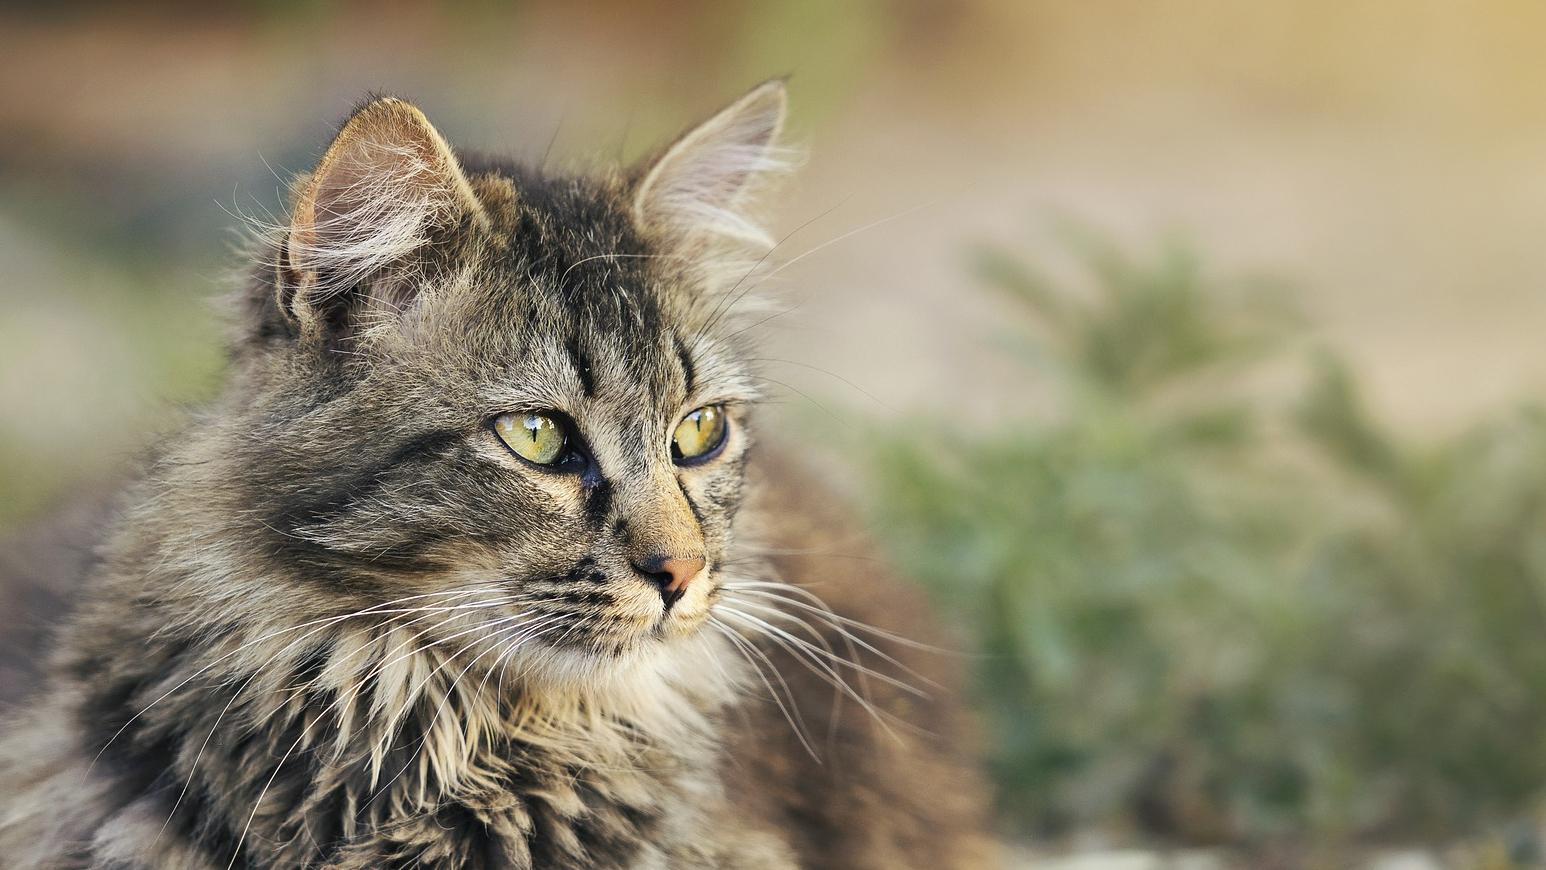 Katze Portraitaufnahme